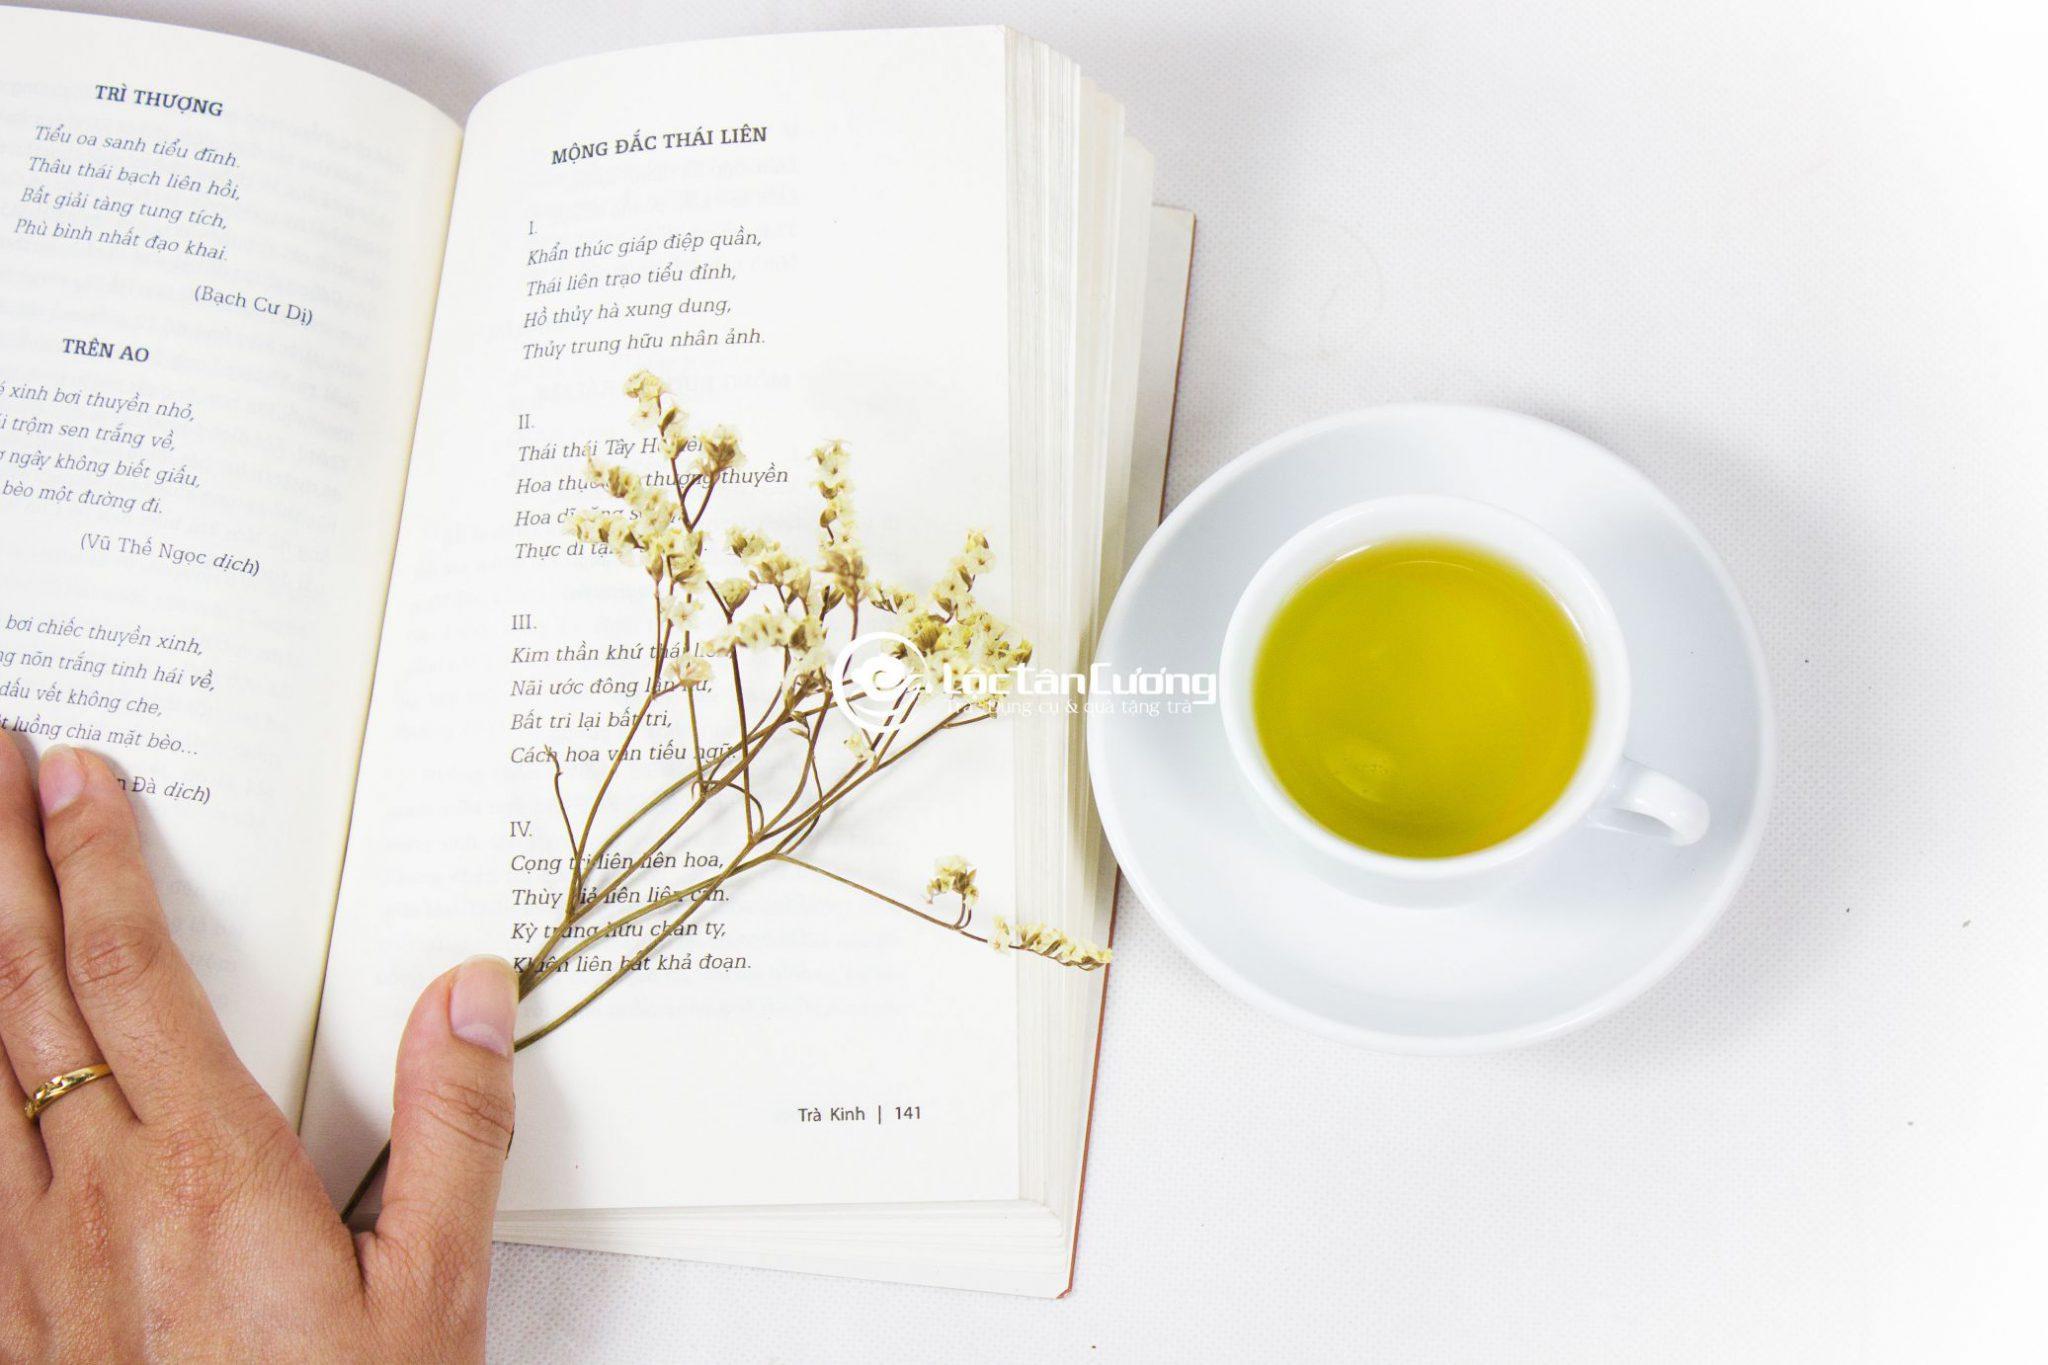 Những thành phần dinh dưỡng trong lá trà được ví như những vị thần dược cho sức khỏe con người